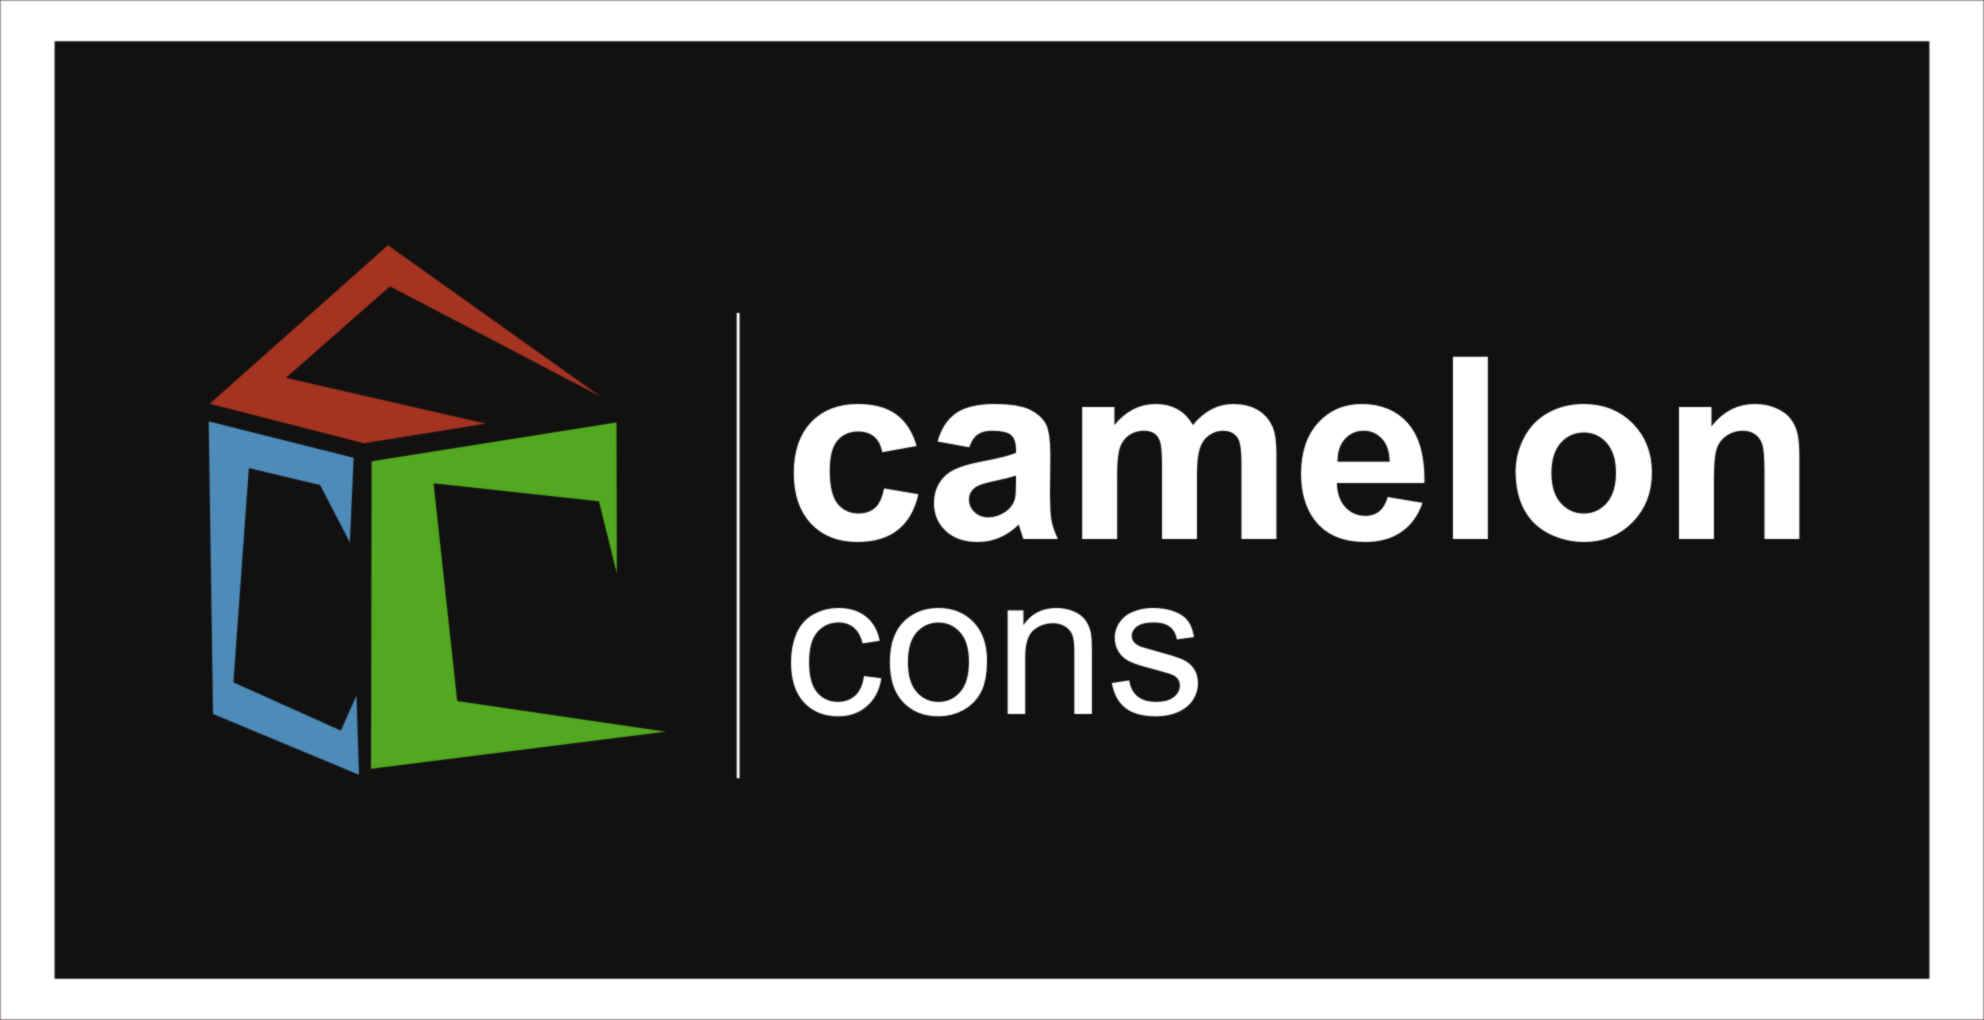 Camelon Cons.